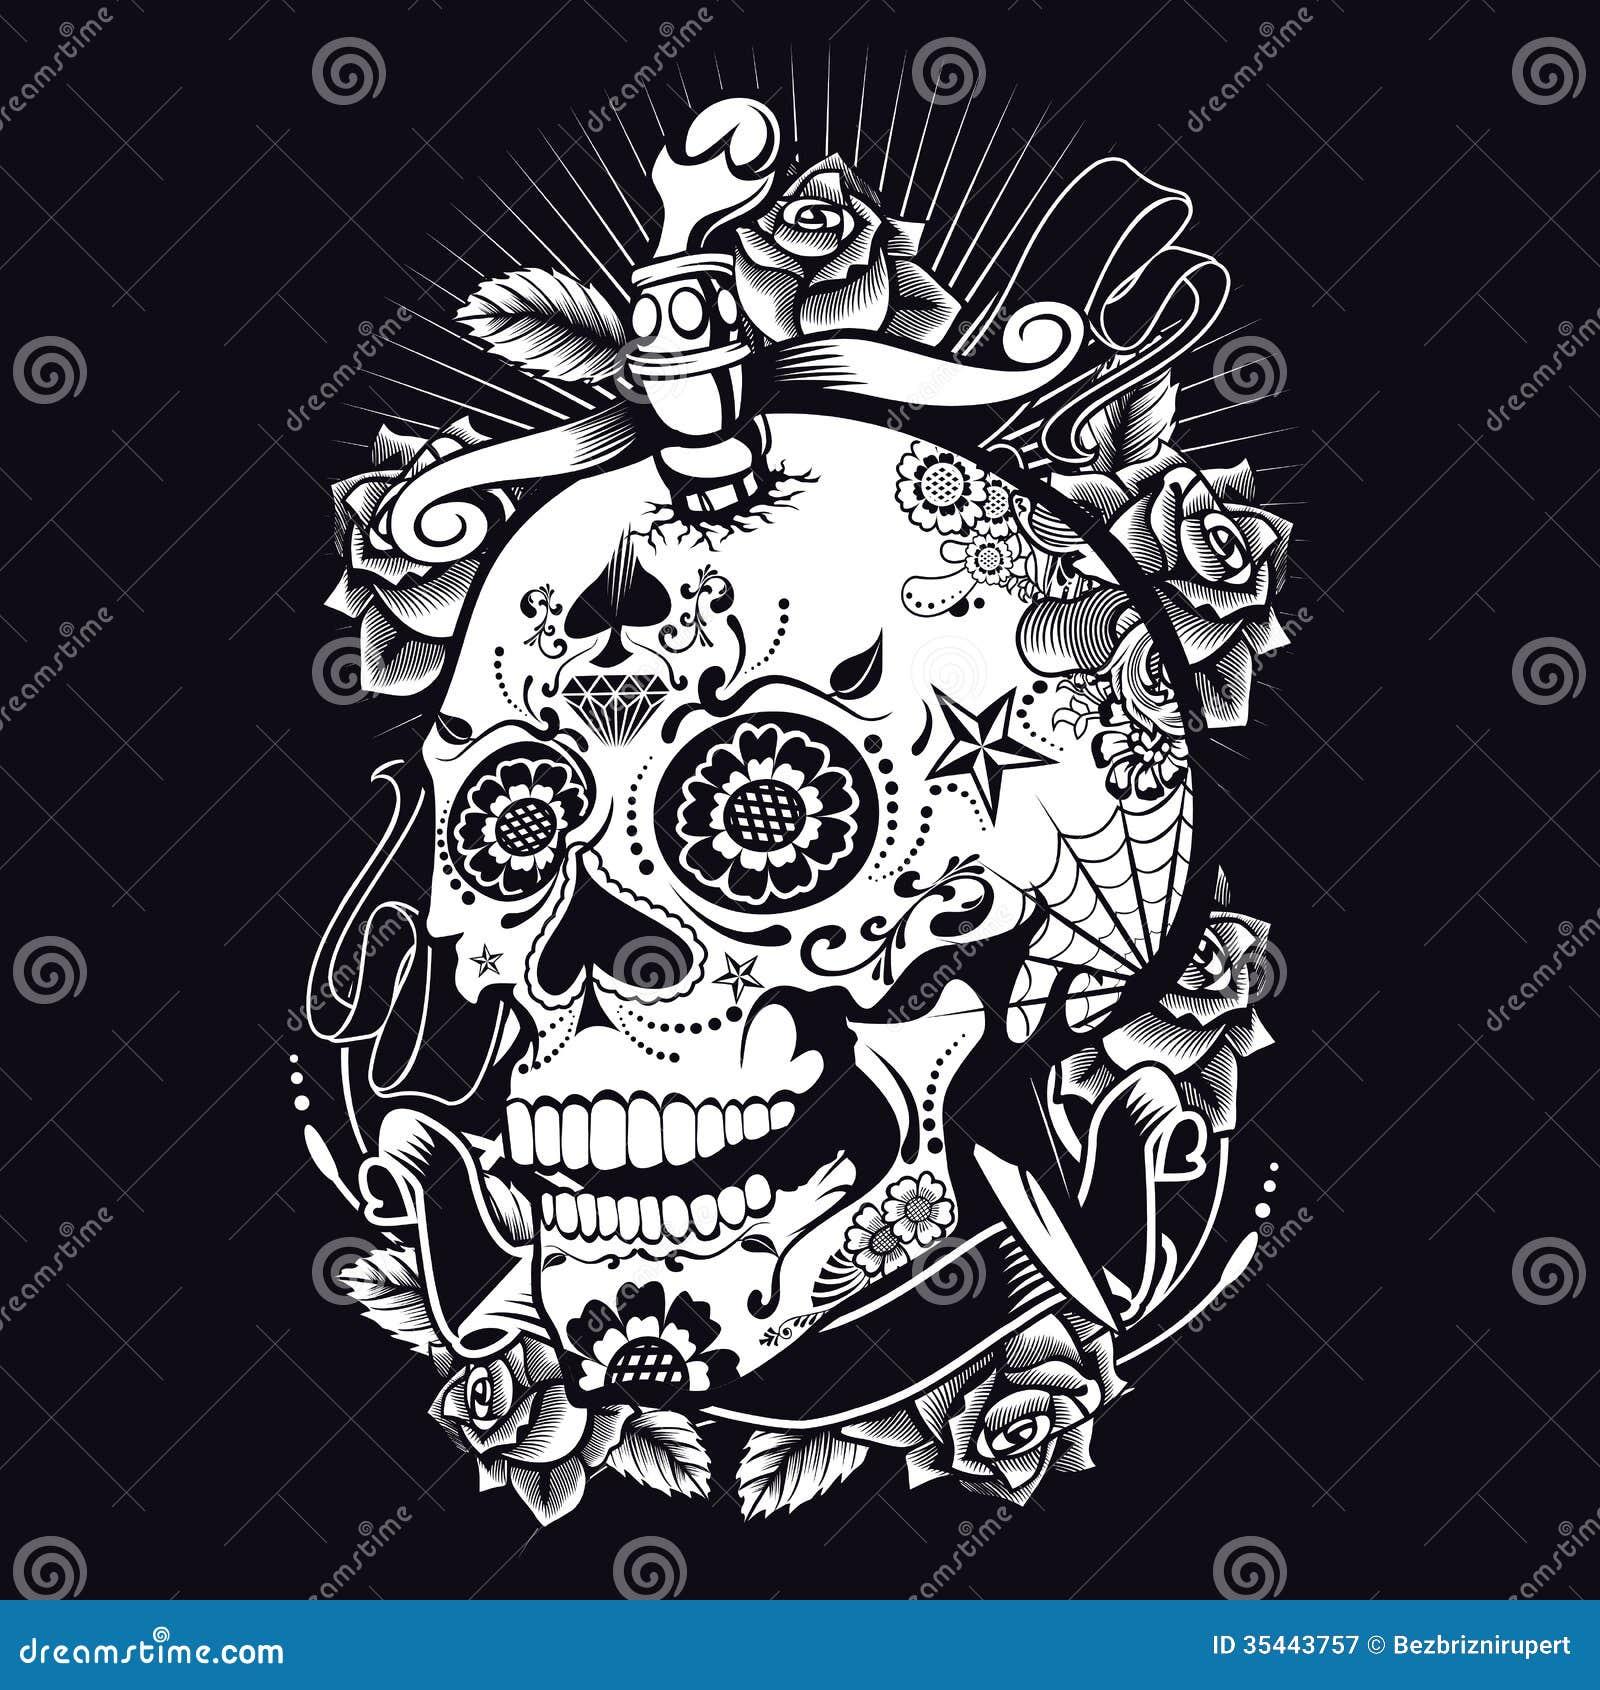 Vudú Sugar Skull